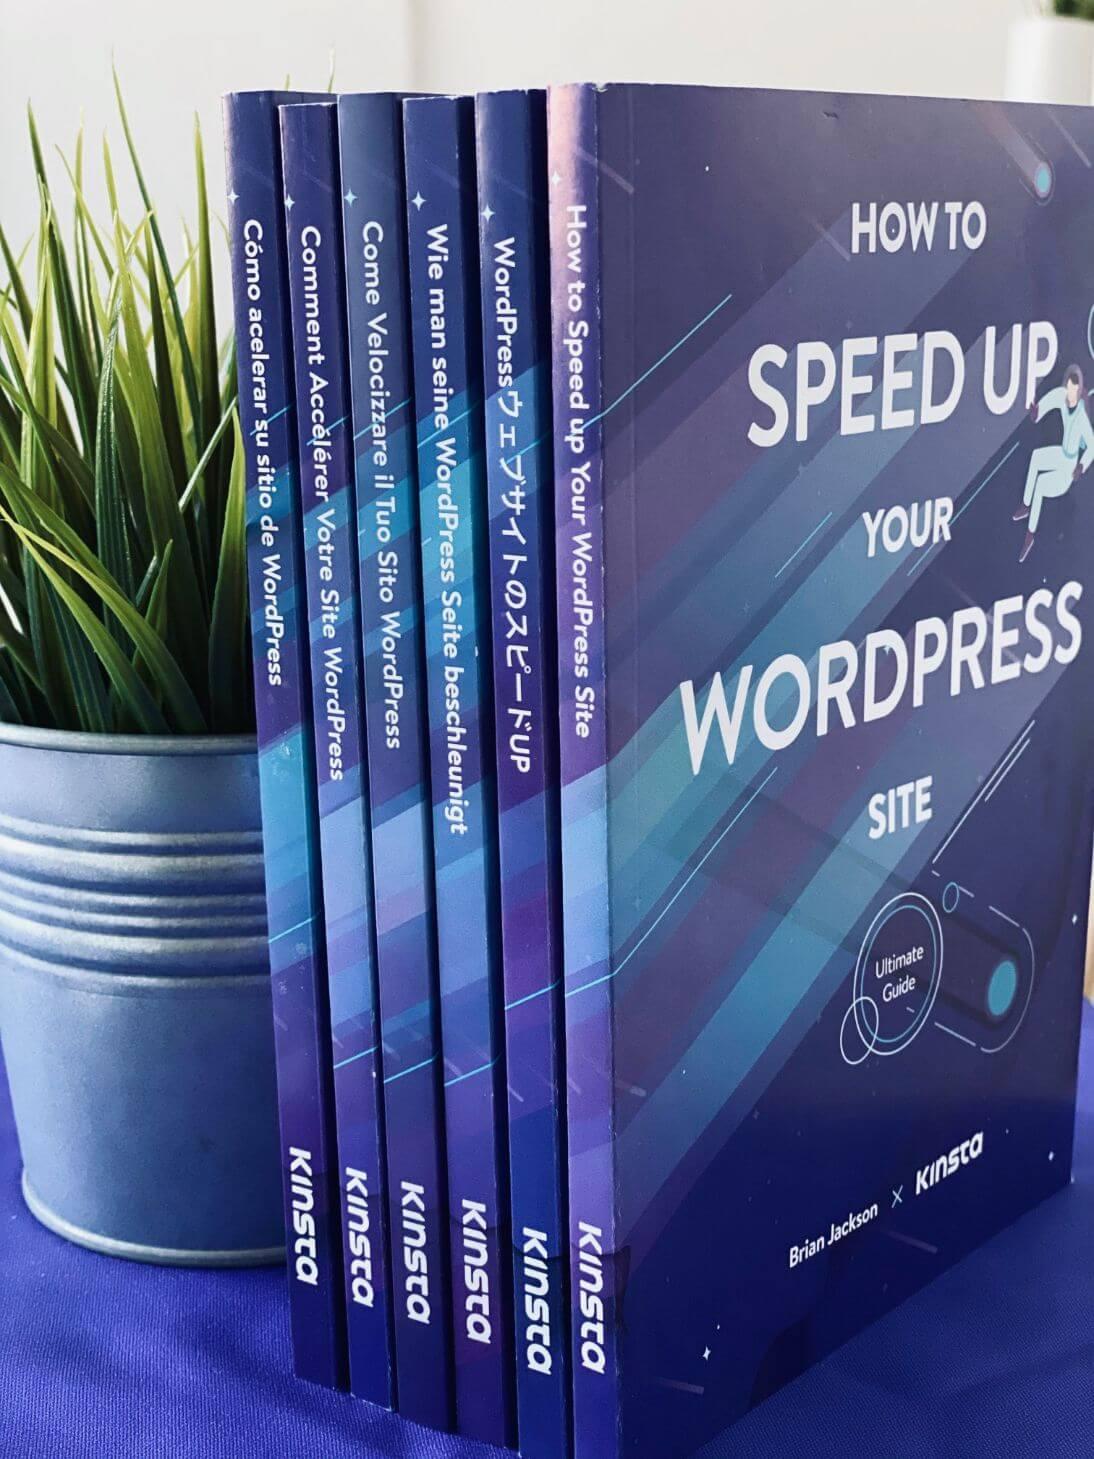 Wie man seine WordPress-Webseite beschleunigt Bücher